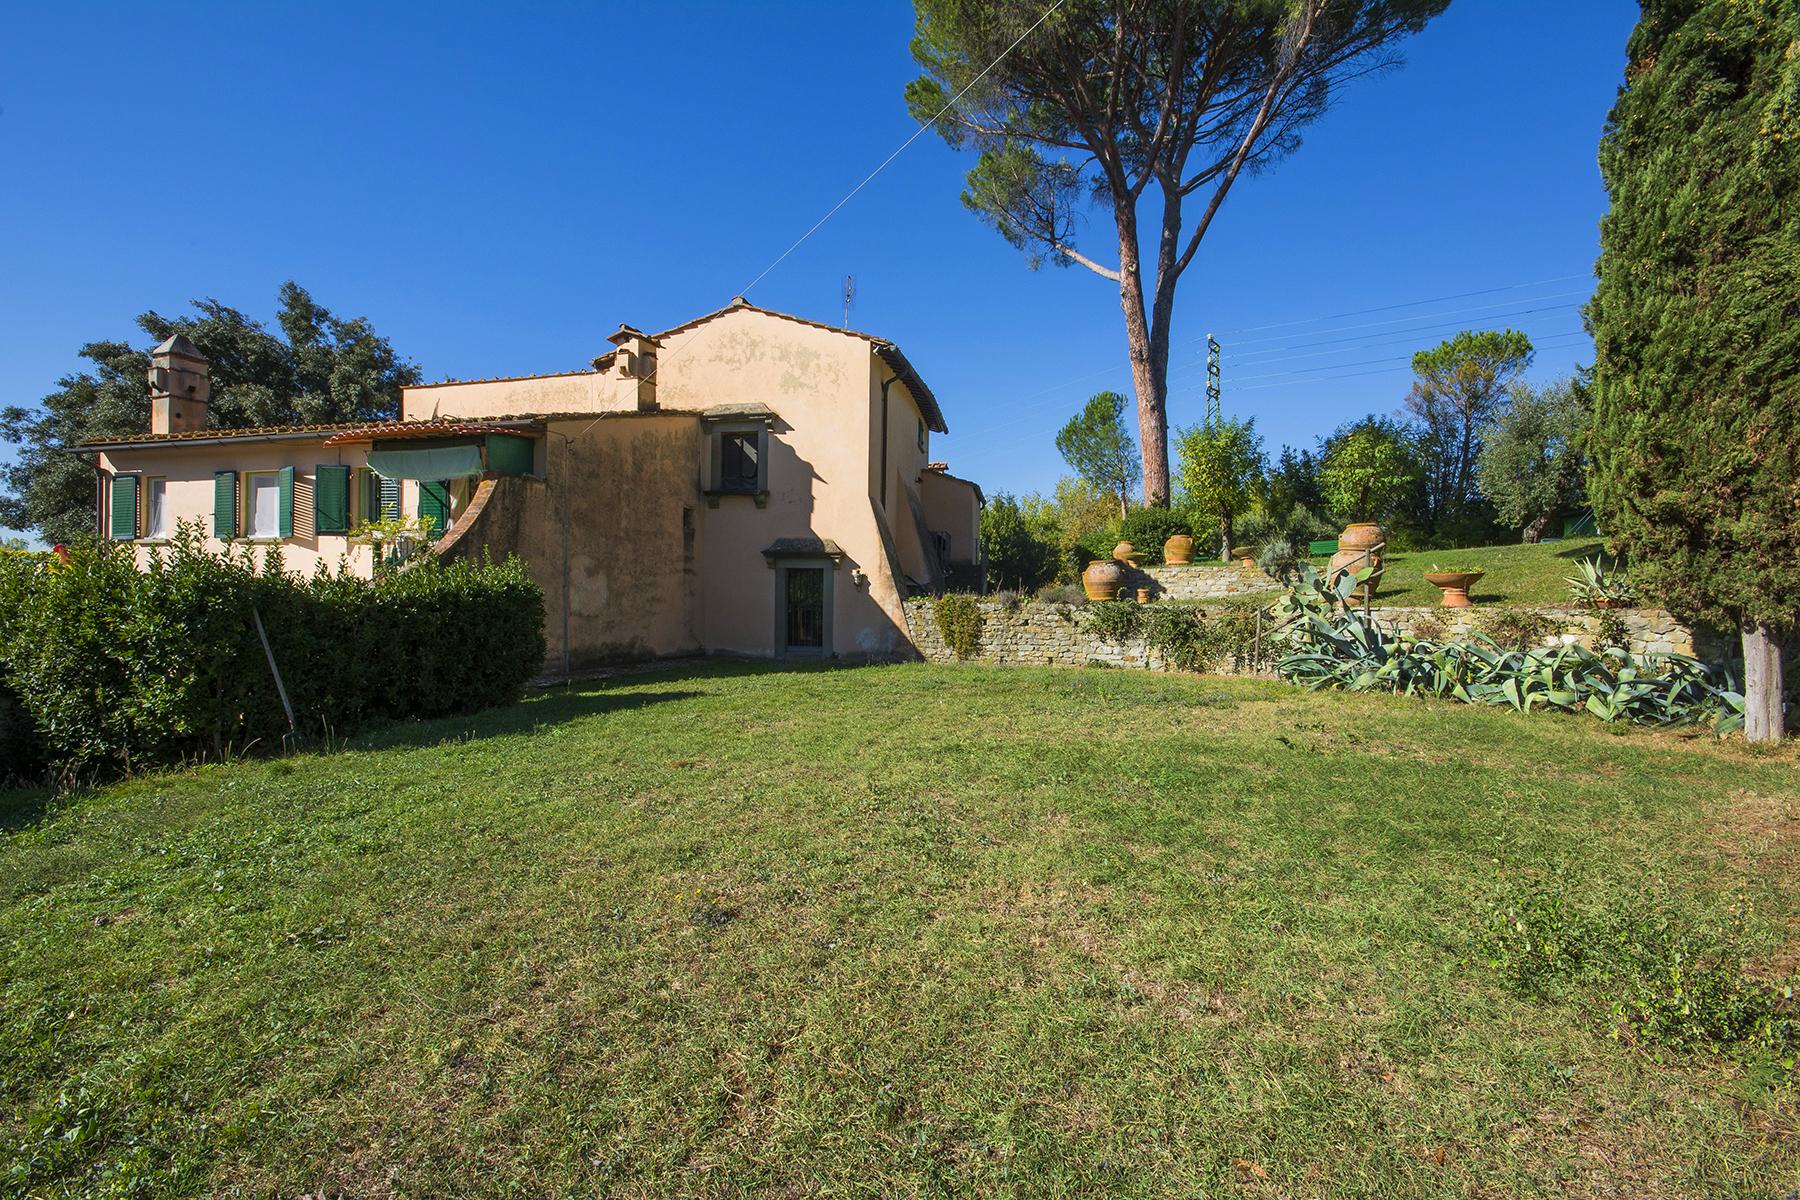 Villa in Vendita a Firenze: 5 locali, 450 mq - Foto 13